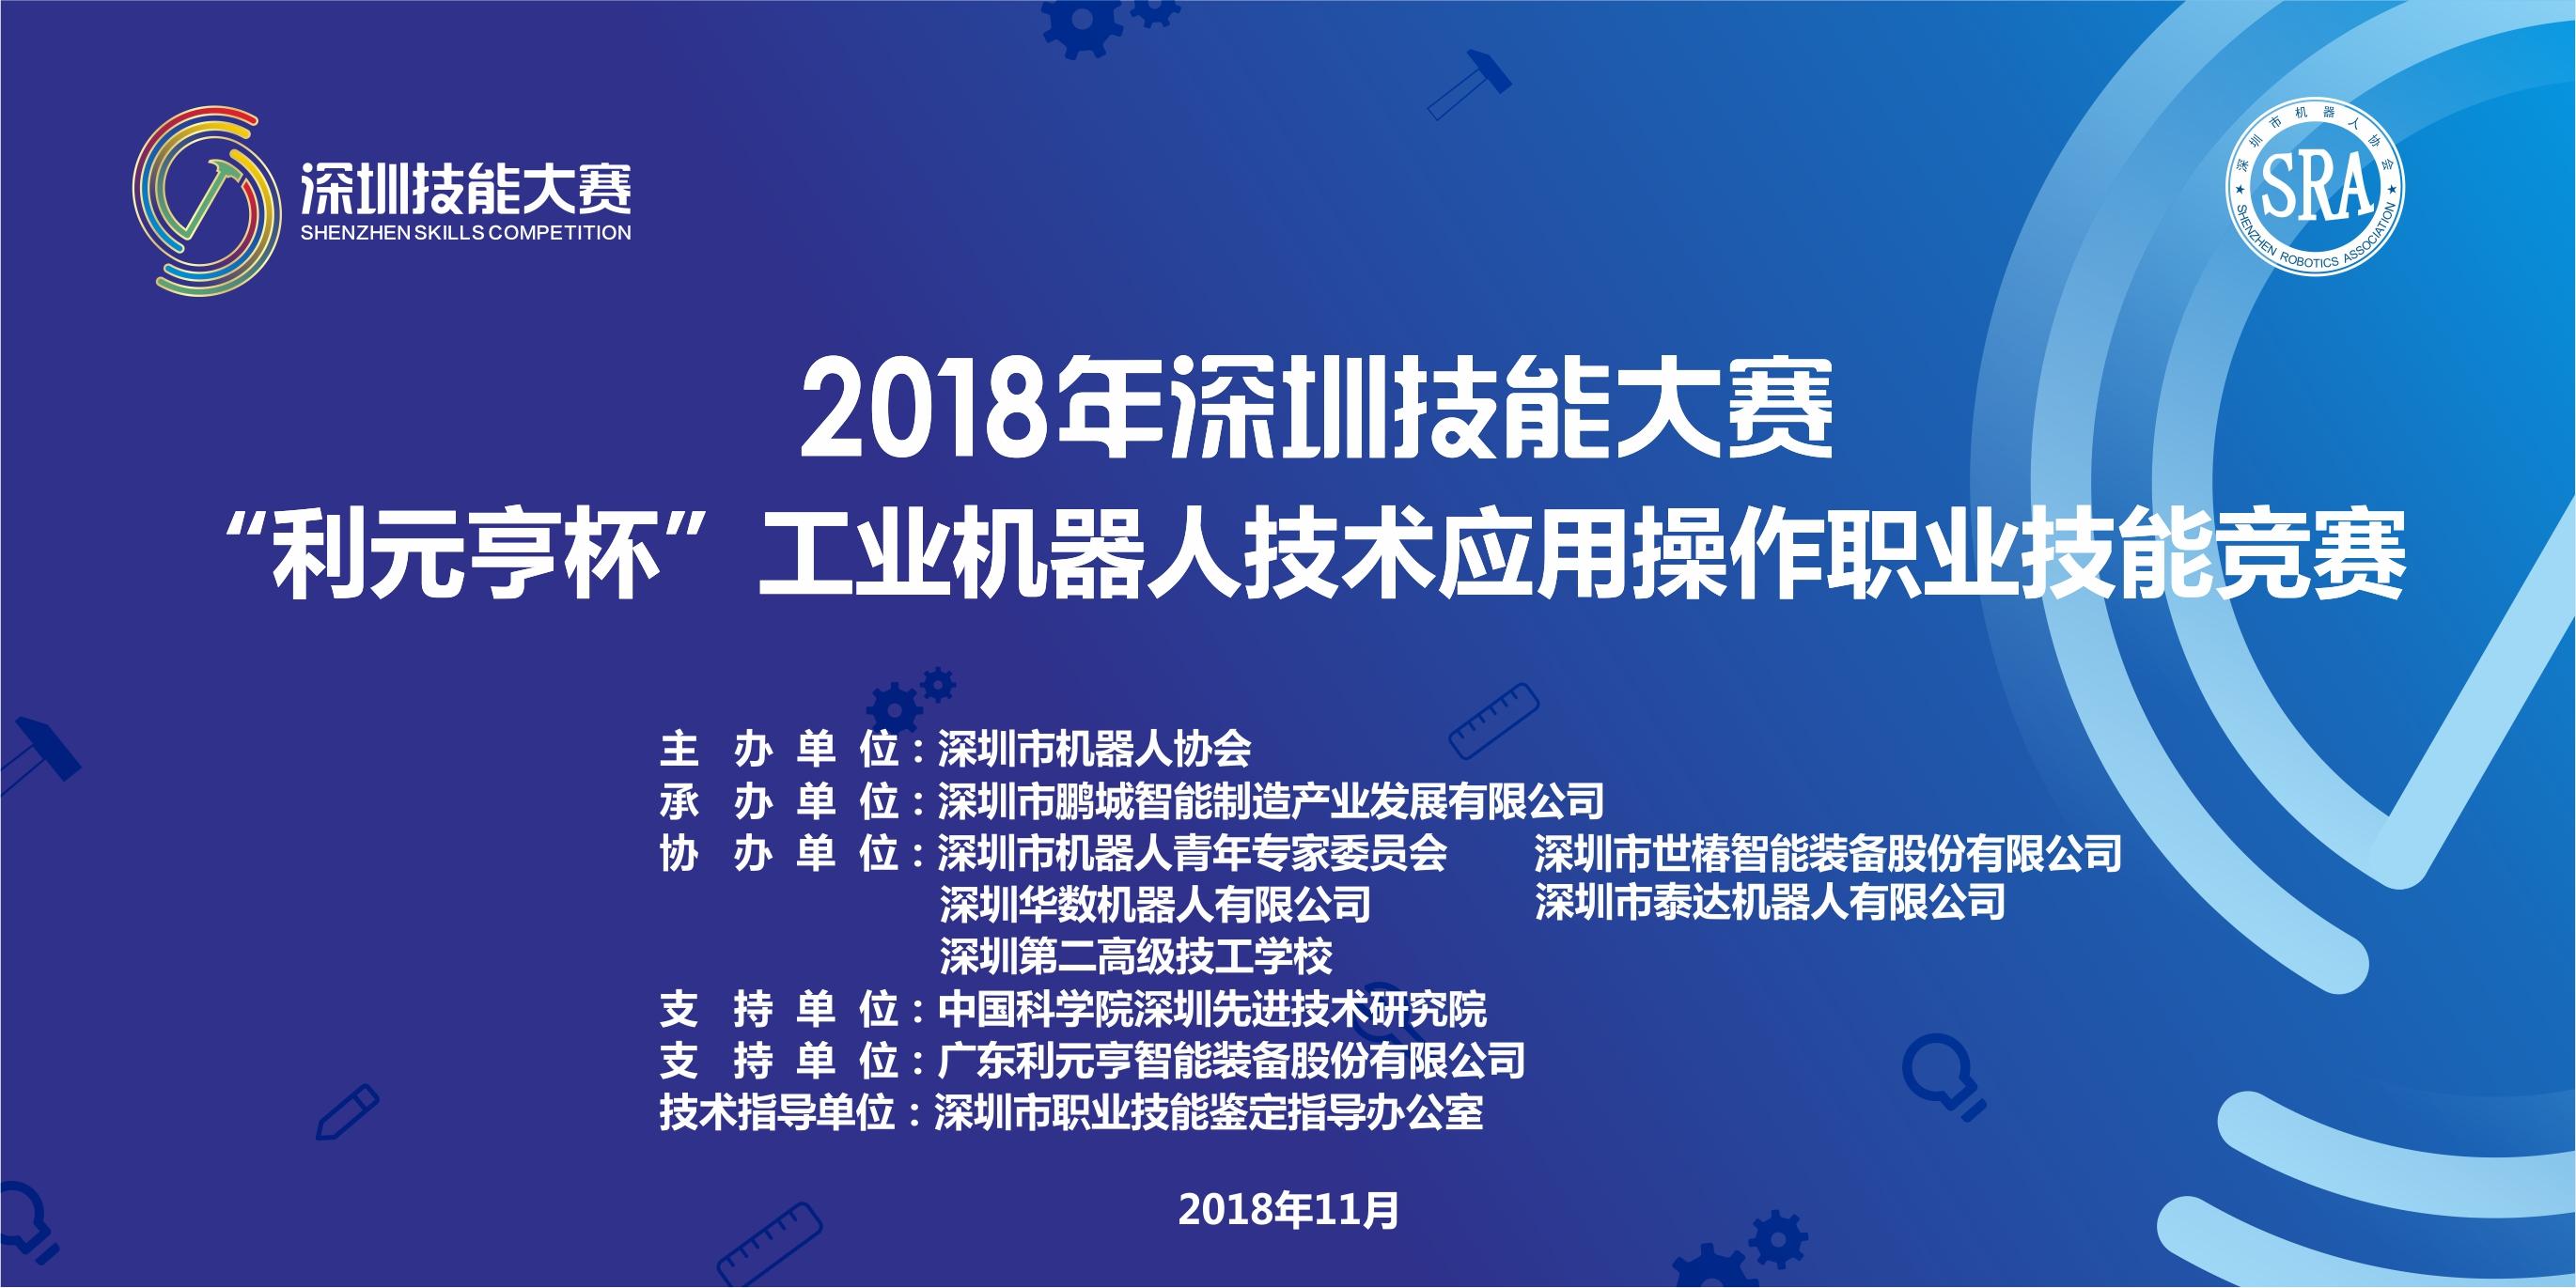 2018深圳技能大赛